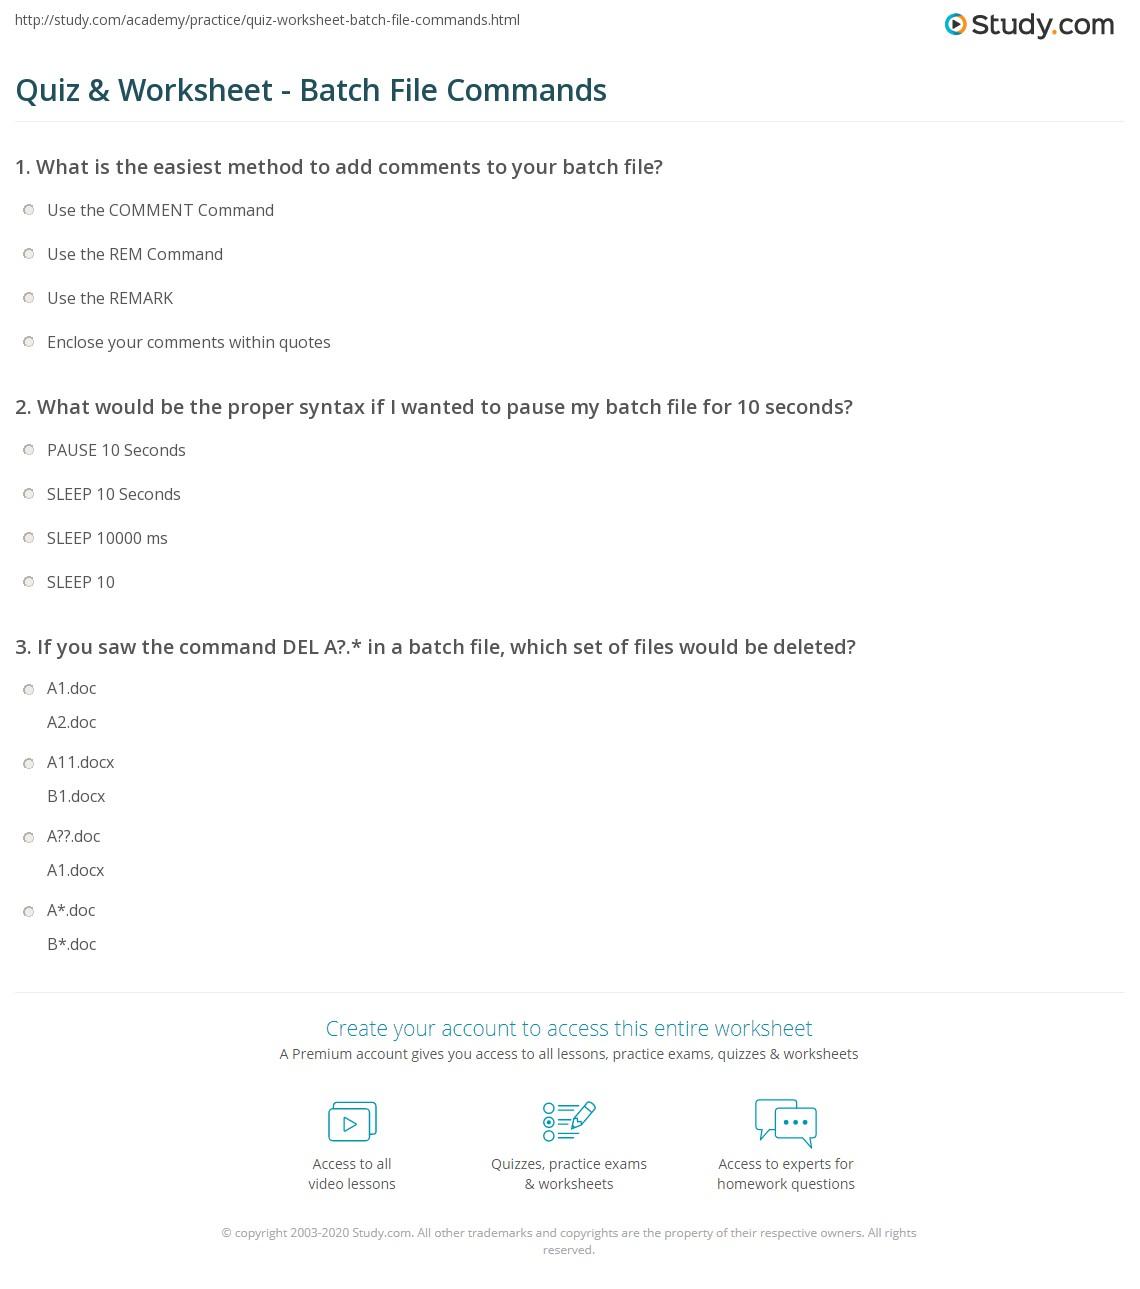 How to write a dos batch file